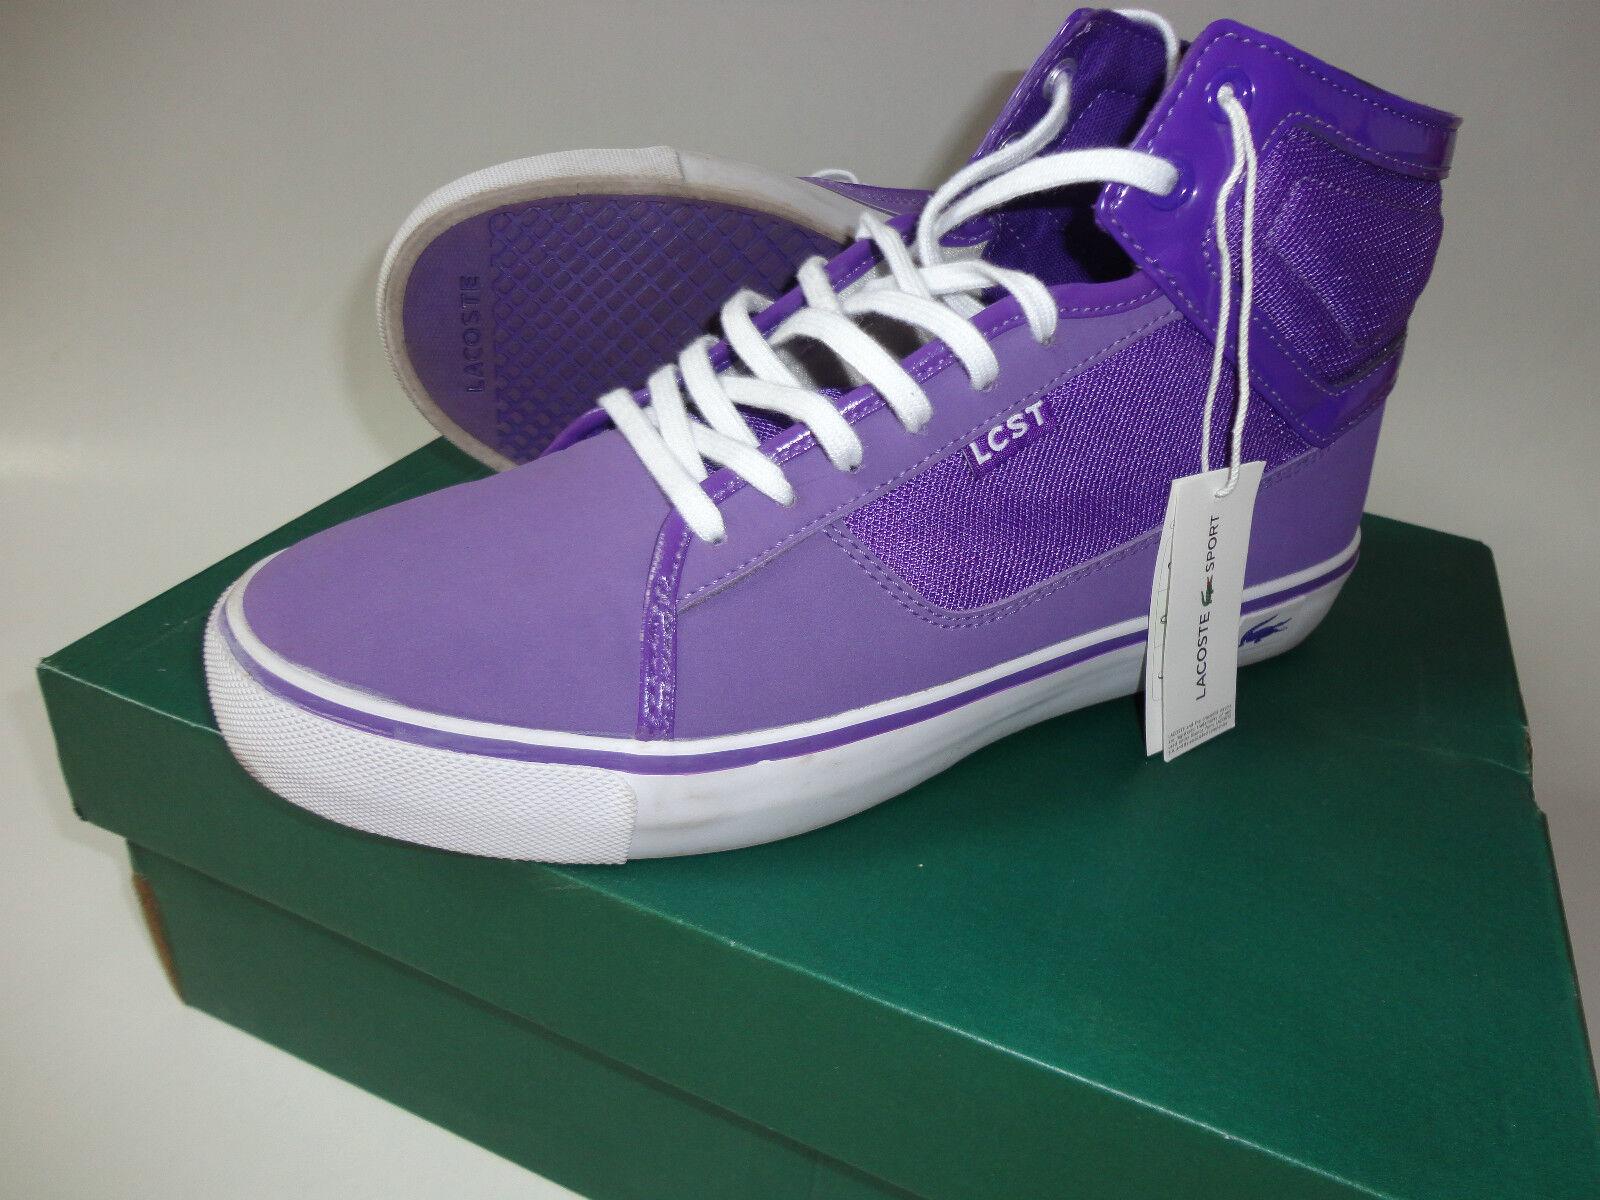 Lacoste lila Sport Freizeitstiefel Sneaker Schuhe Gr.41 42 lila Lacoste wie Neu Jeans Jacke 9bd618